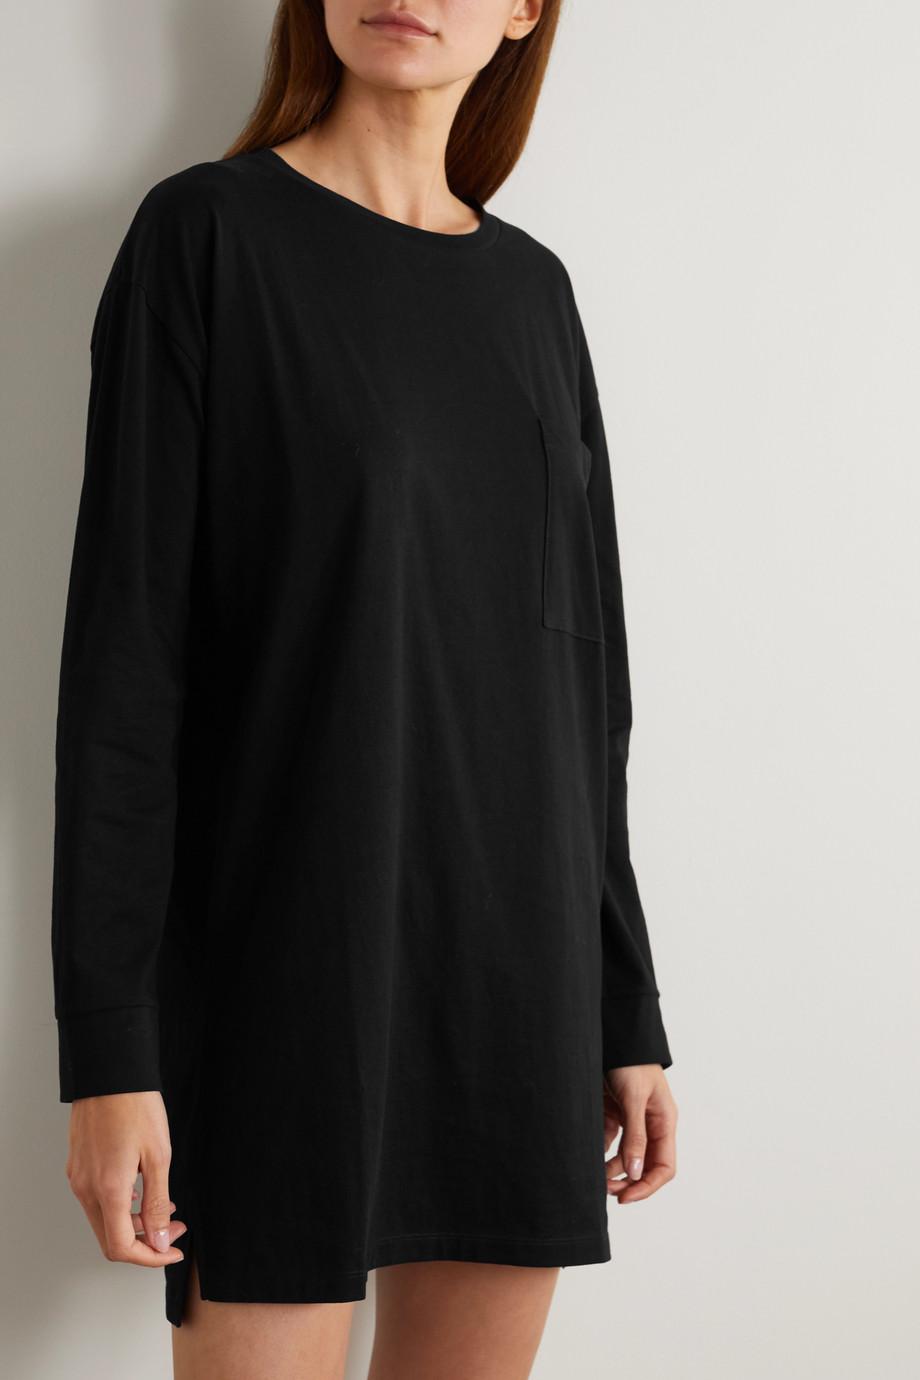 Ninety Percent + NET SUSTAIN Nachthemd aus Biobaumwoll-Jersey mit Stickerei